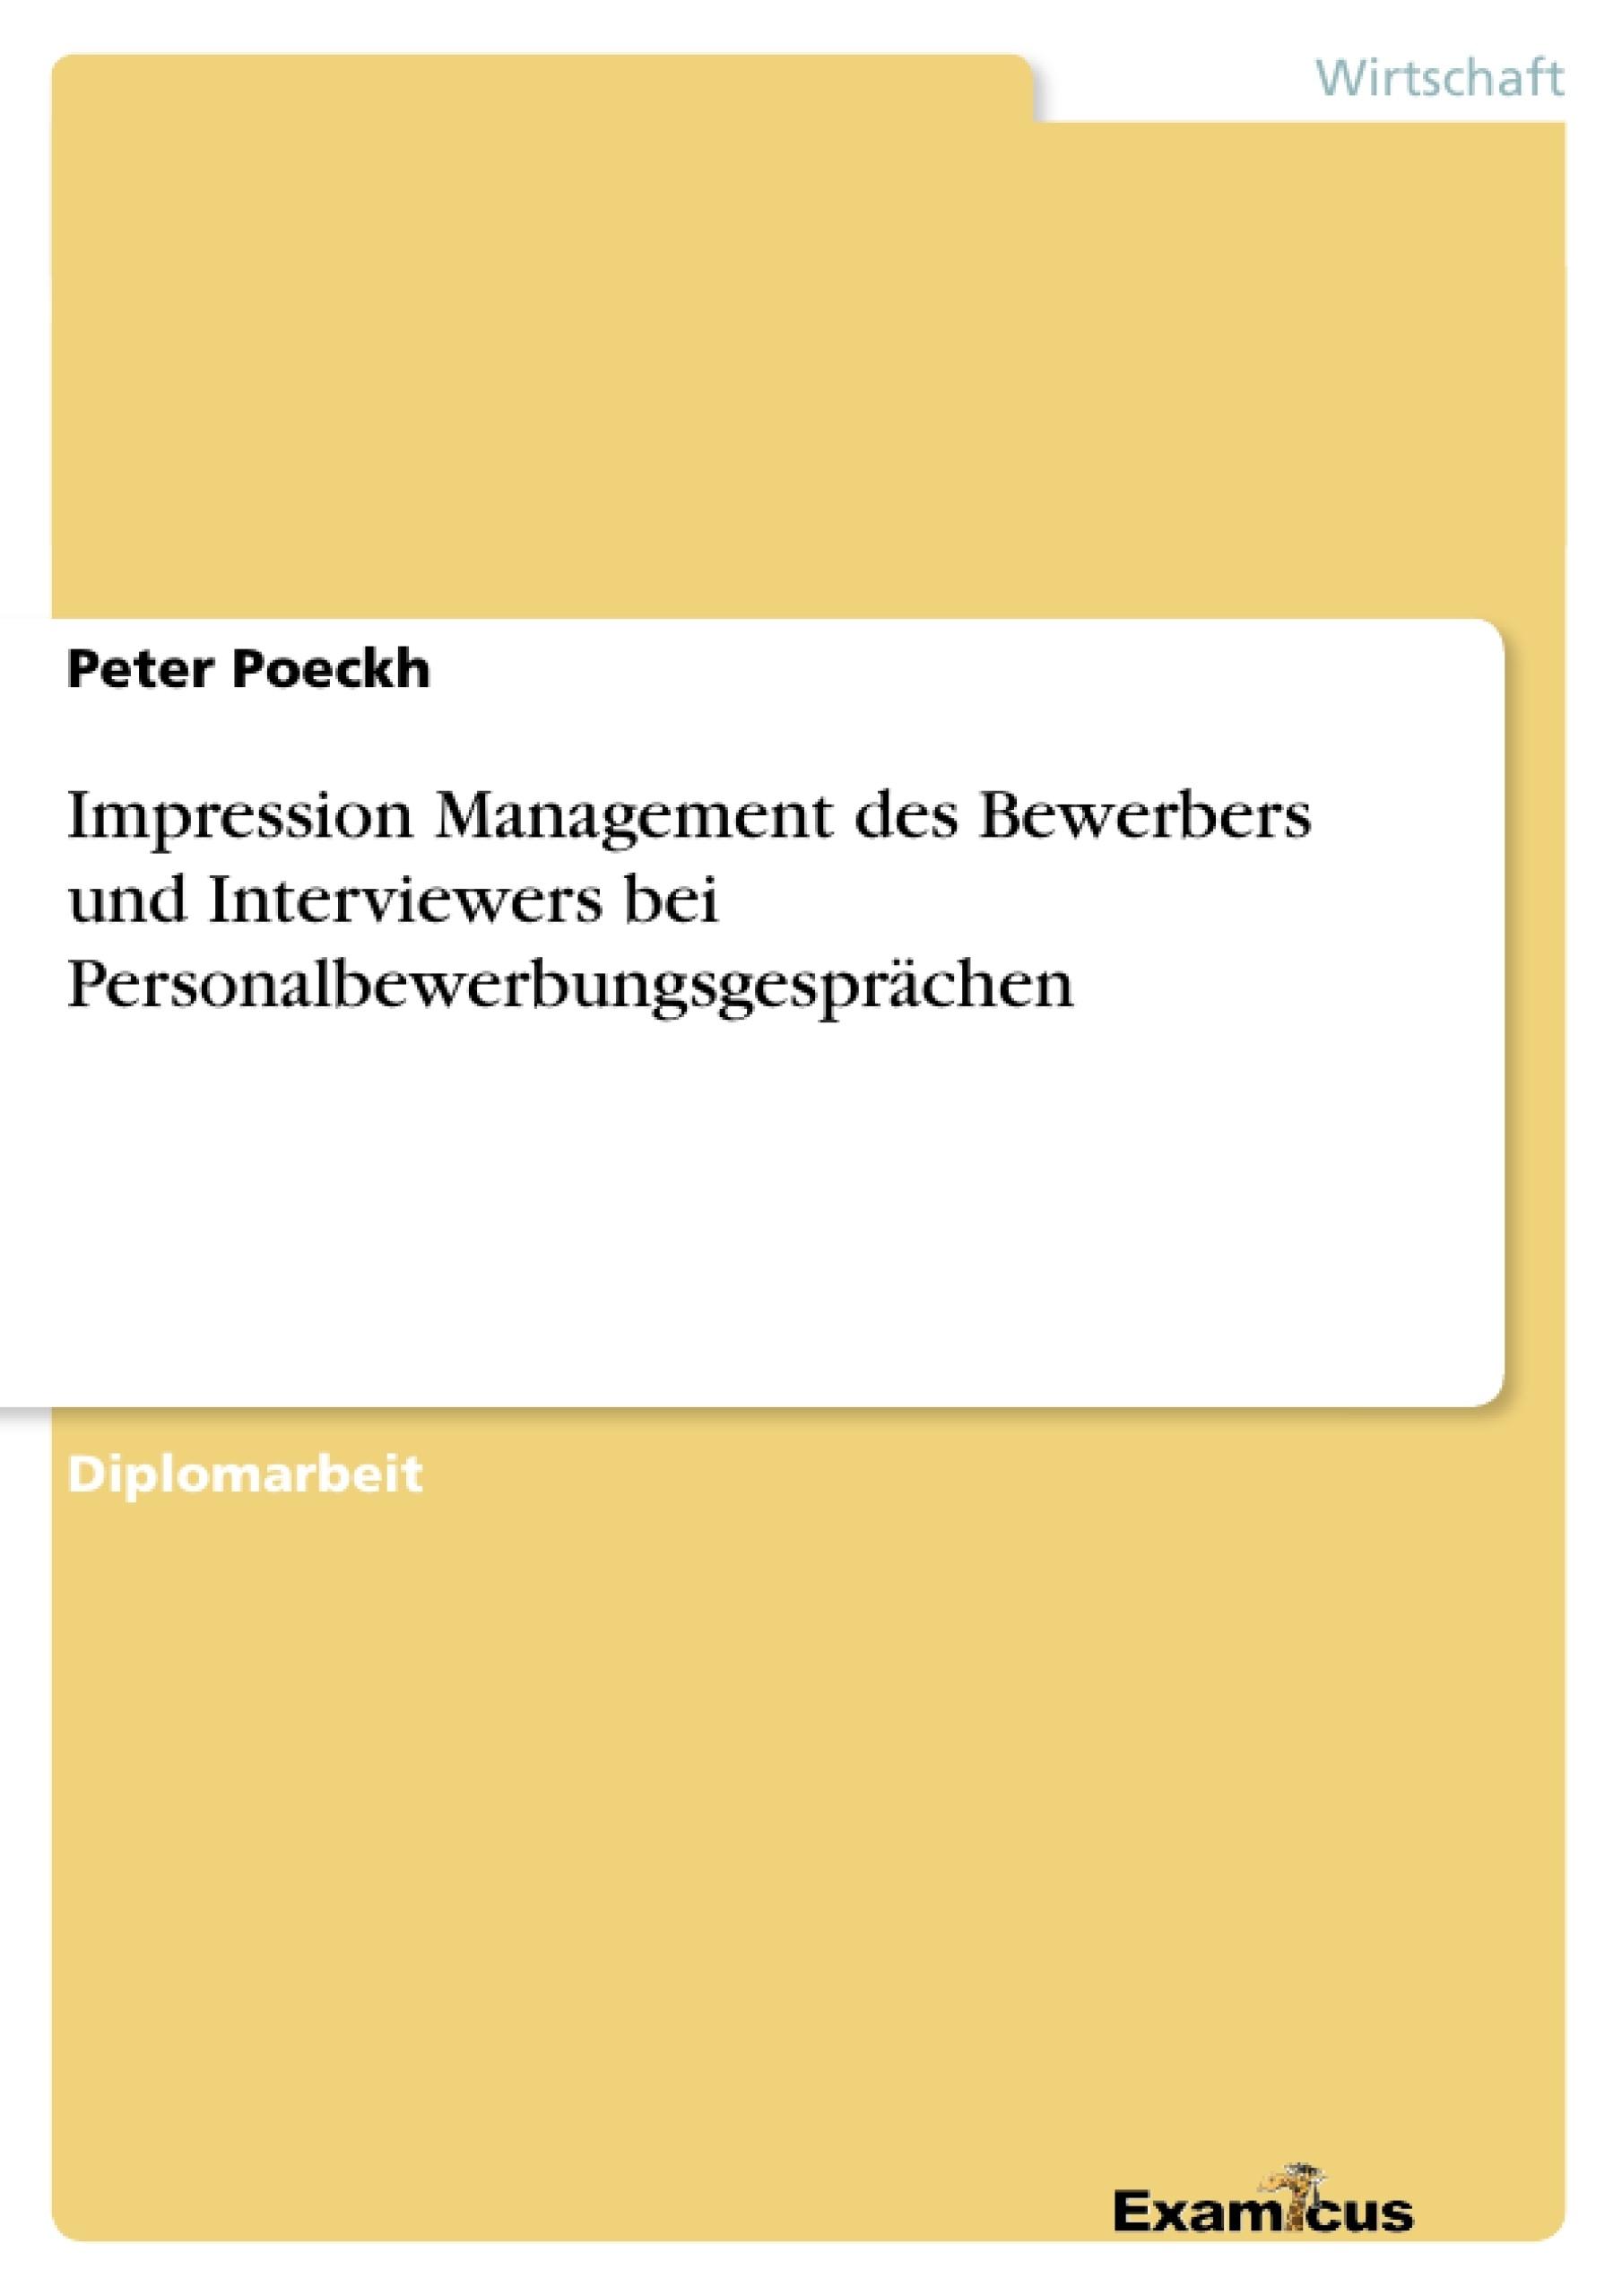 Titel: Impression Management des Bewerbers und Interviewers bei Personalbewerbungsgesprächen